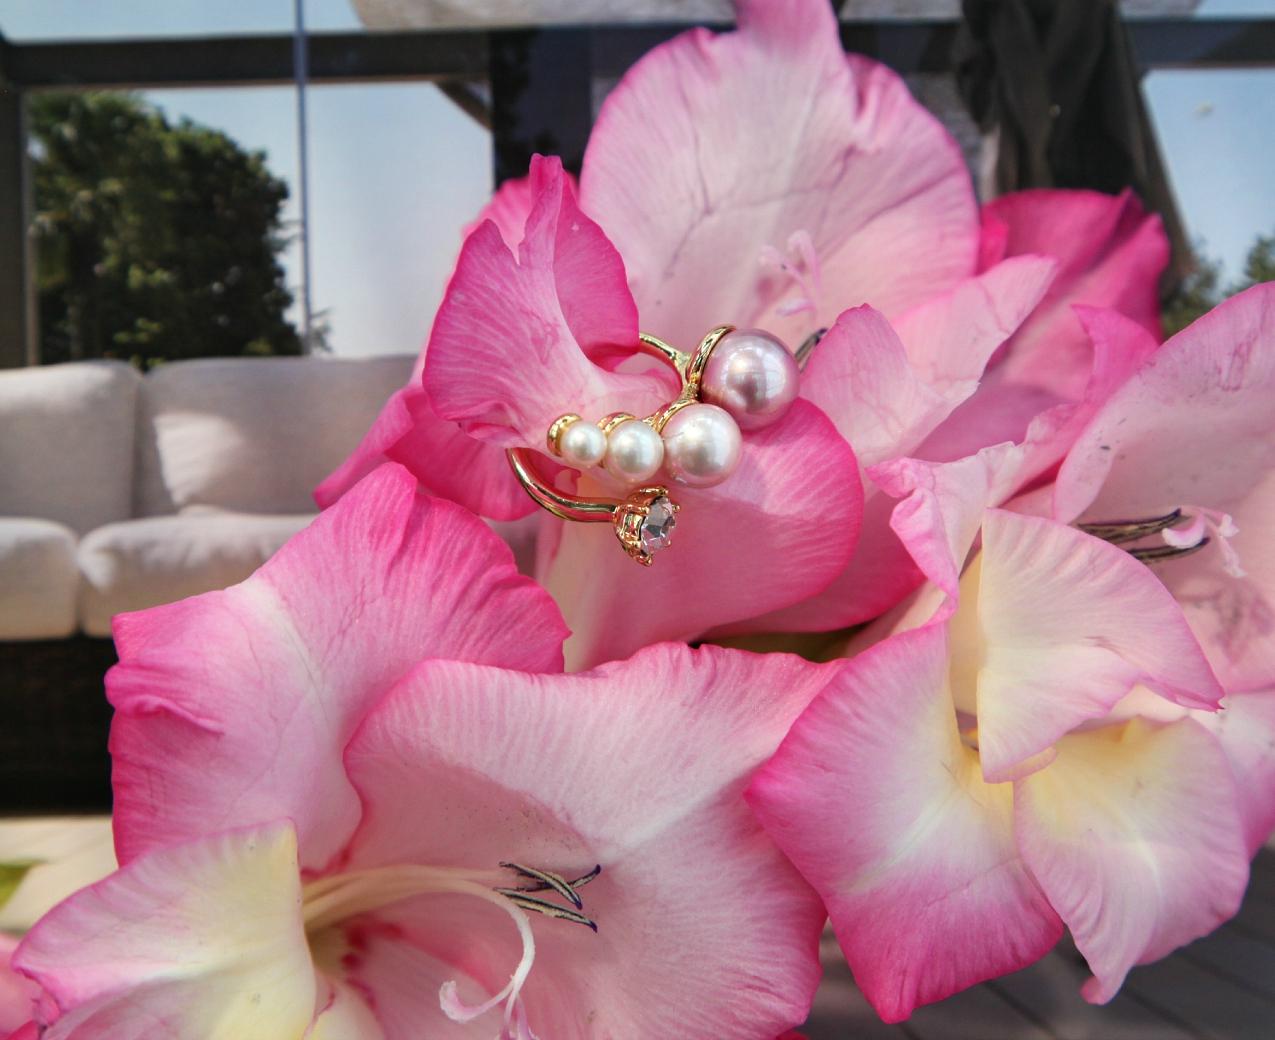 Piedi nudi sulla sabbia con lenti rosa, gioielli preziosi e cenni di frivolezza, alessia milanese, thechilicool, fashion blog, fashion blogger , luca barra gioielli, polaroid sunglasses